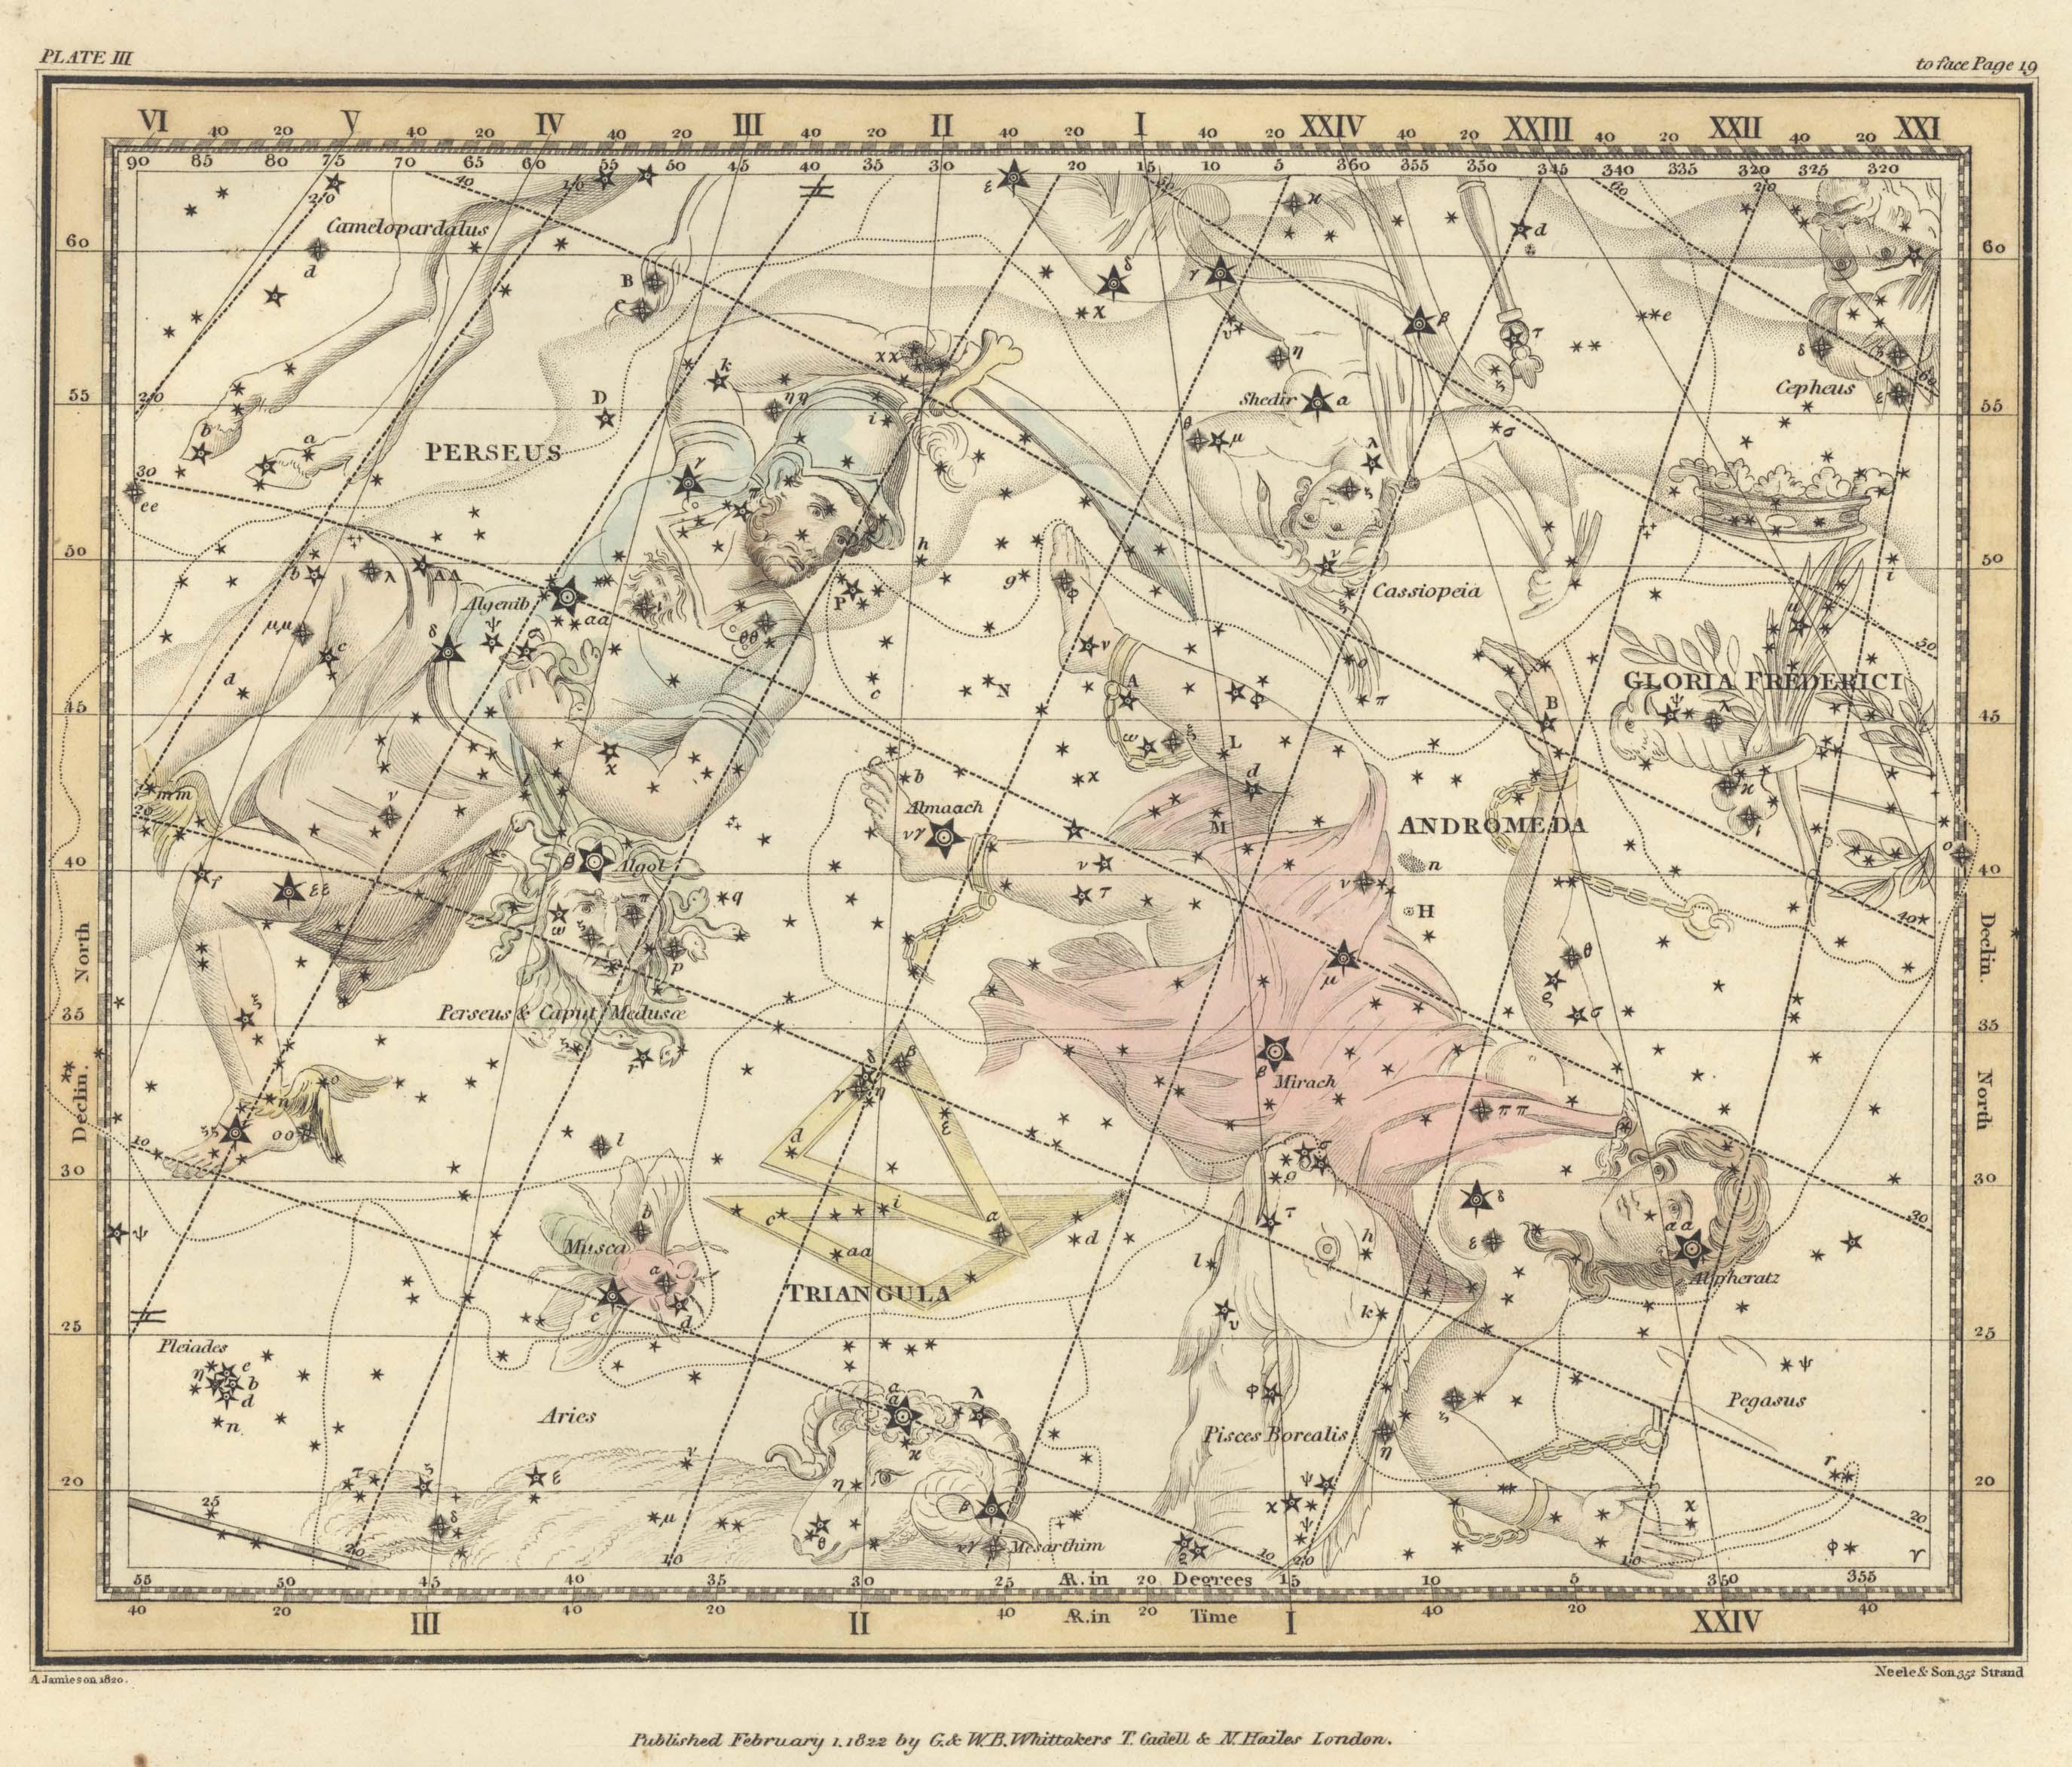 Страница № 6: Персей и Голова Горгоны, Андромеда, Треугольник и Слава Фридриха II